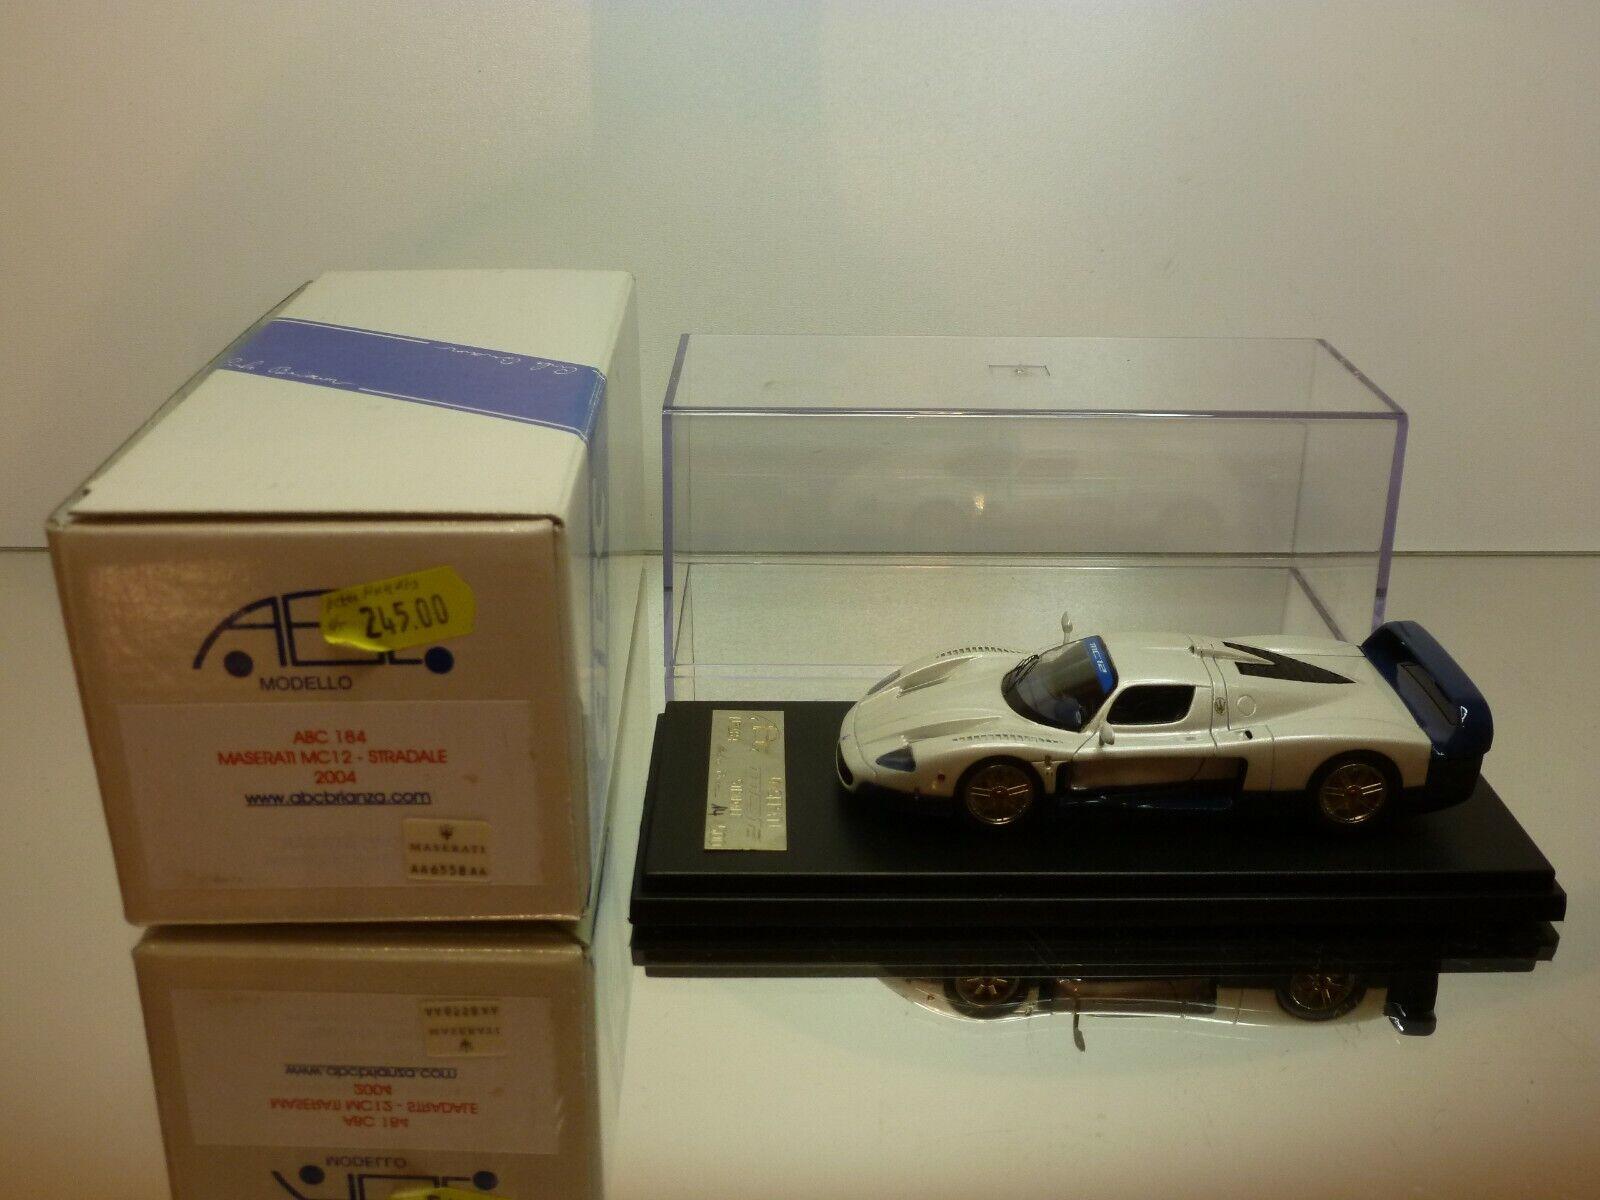 ABC BRIANZA 184 MASERATI MC12 STRADALE 2004 - 1:43 - EXCELLENT IN BOX